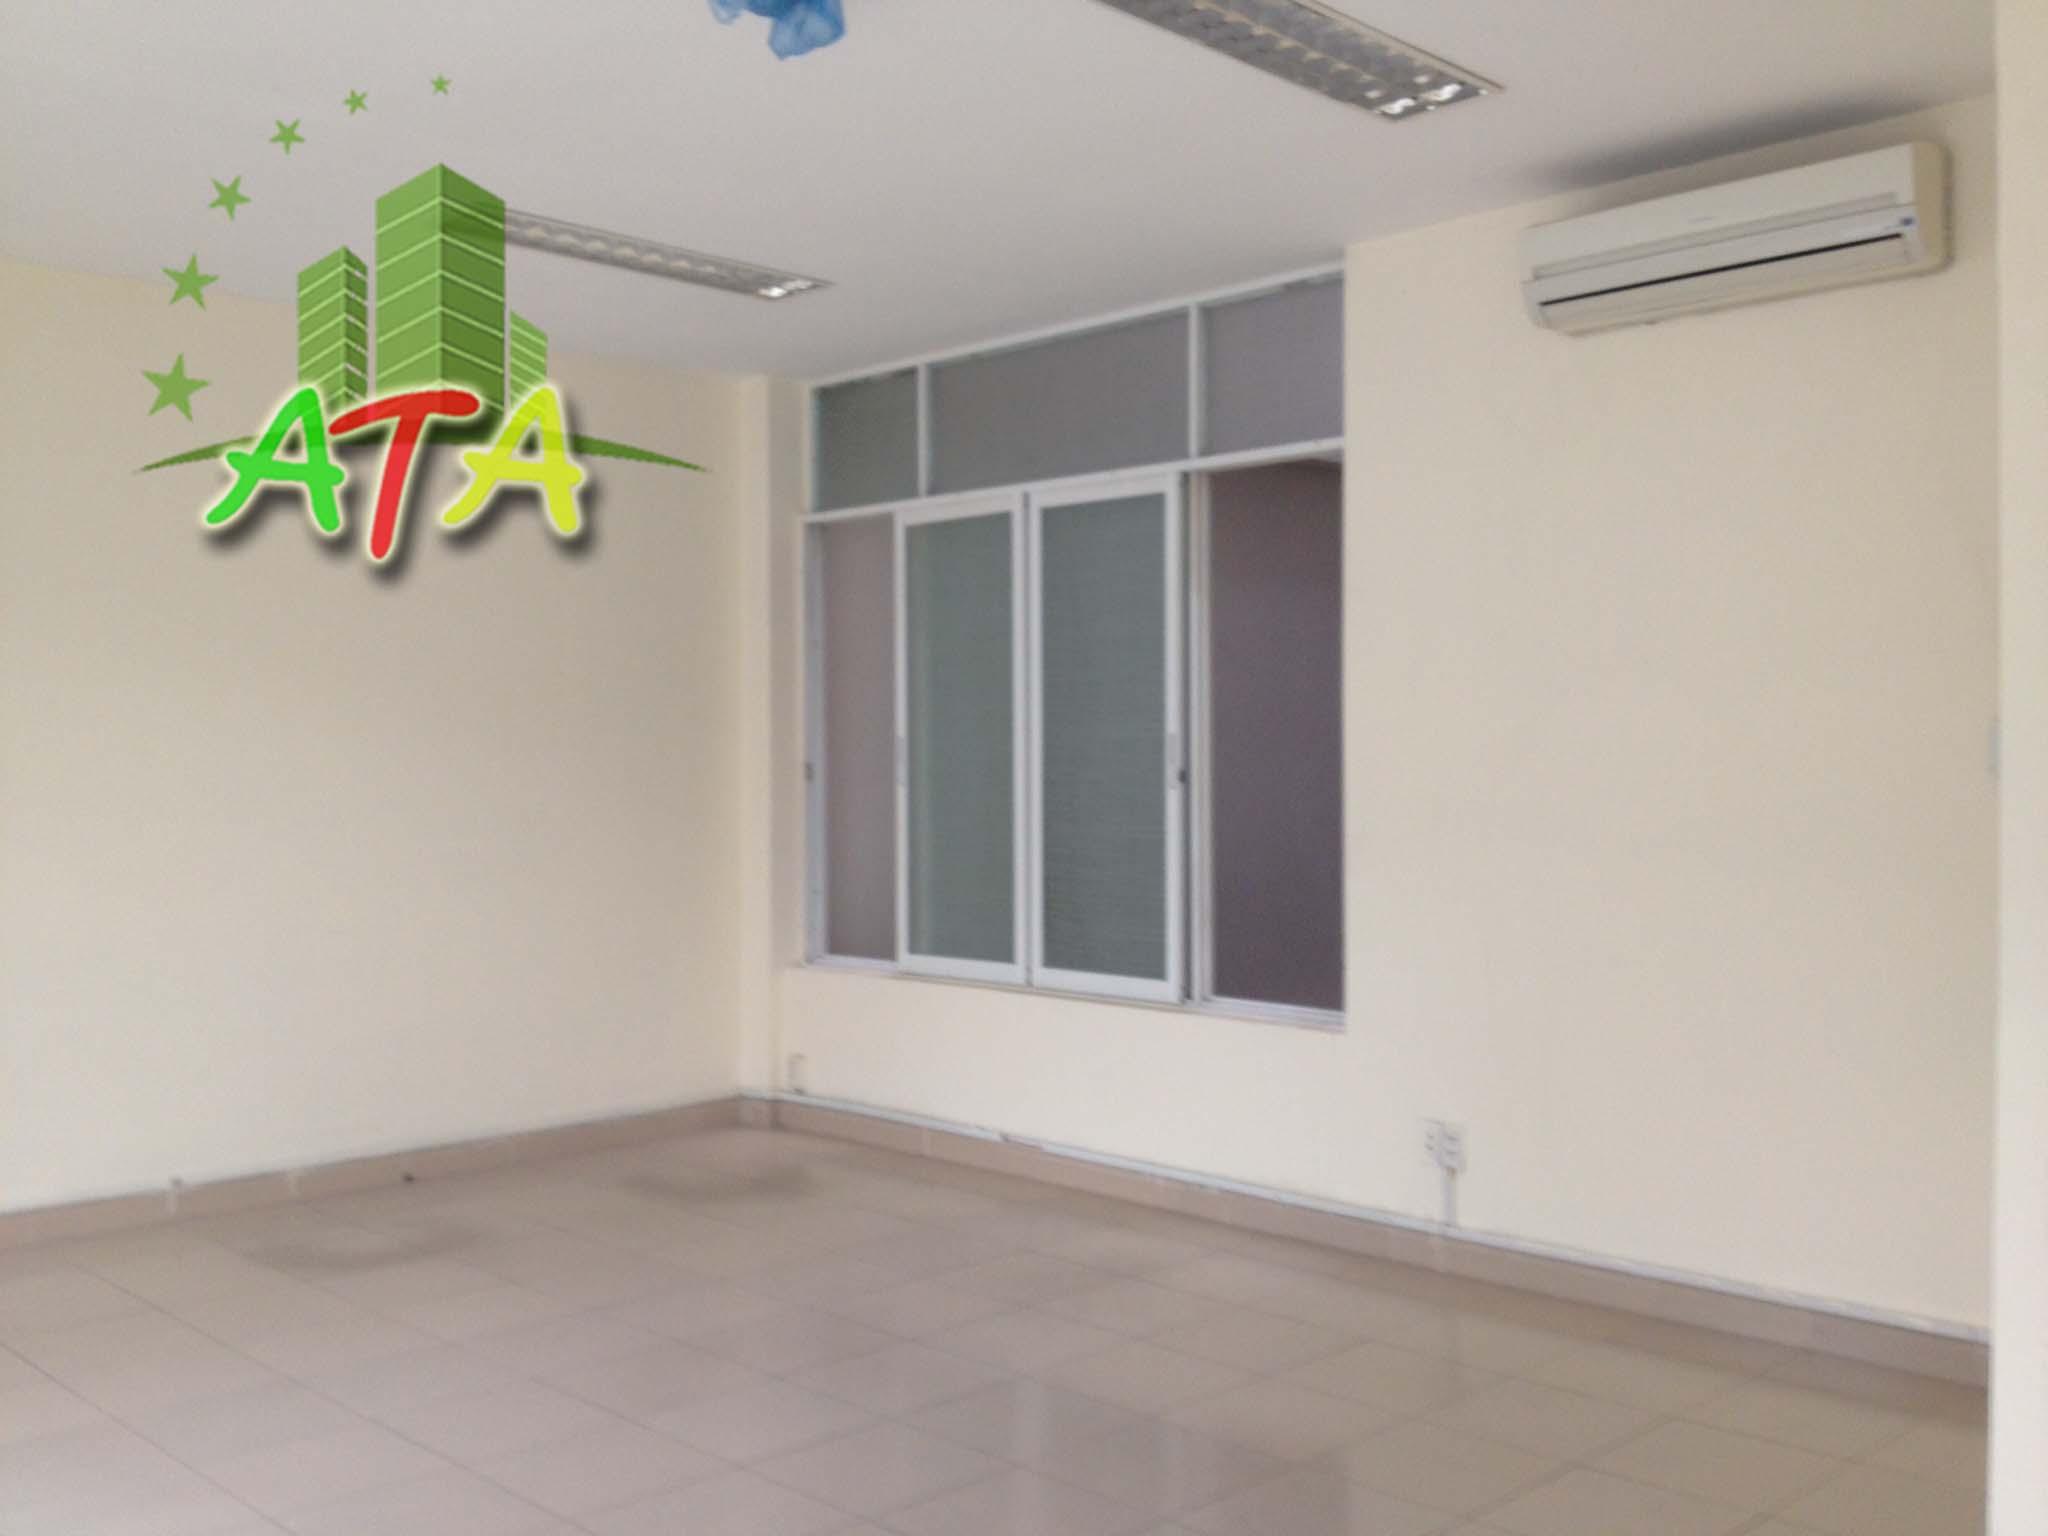 sanh_trong_0119 Thuê văn phòng tại Blue Berry Building, mặt tiền Cộng Hòa, giá 11usd/m2